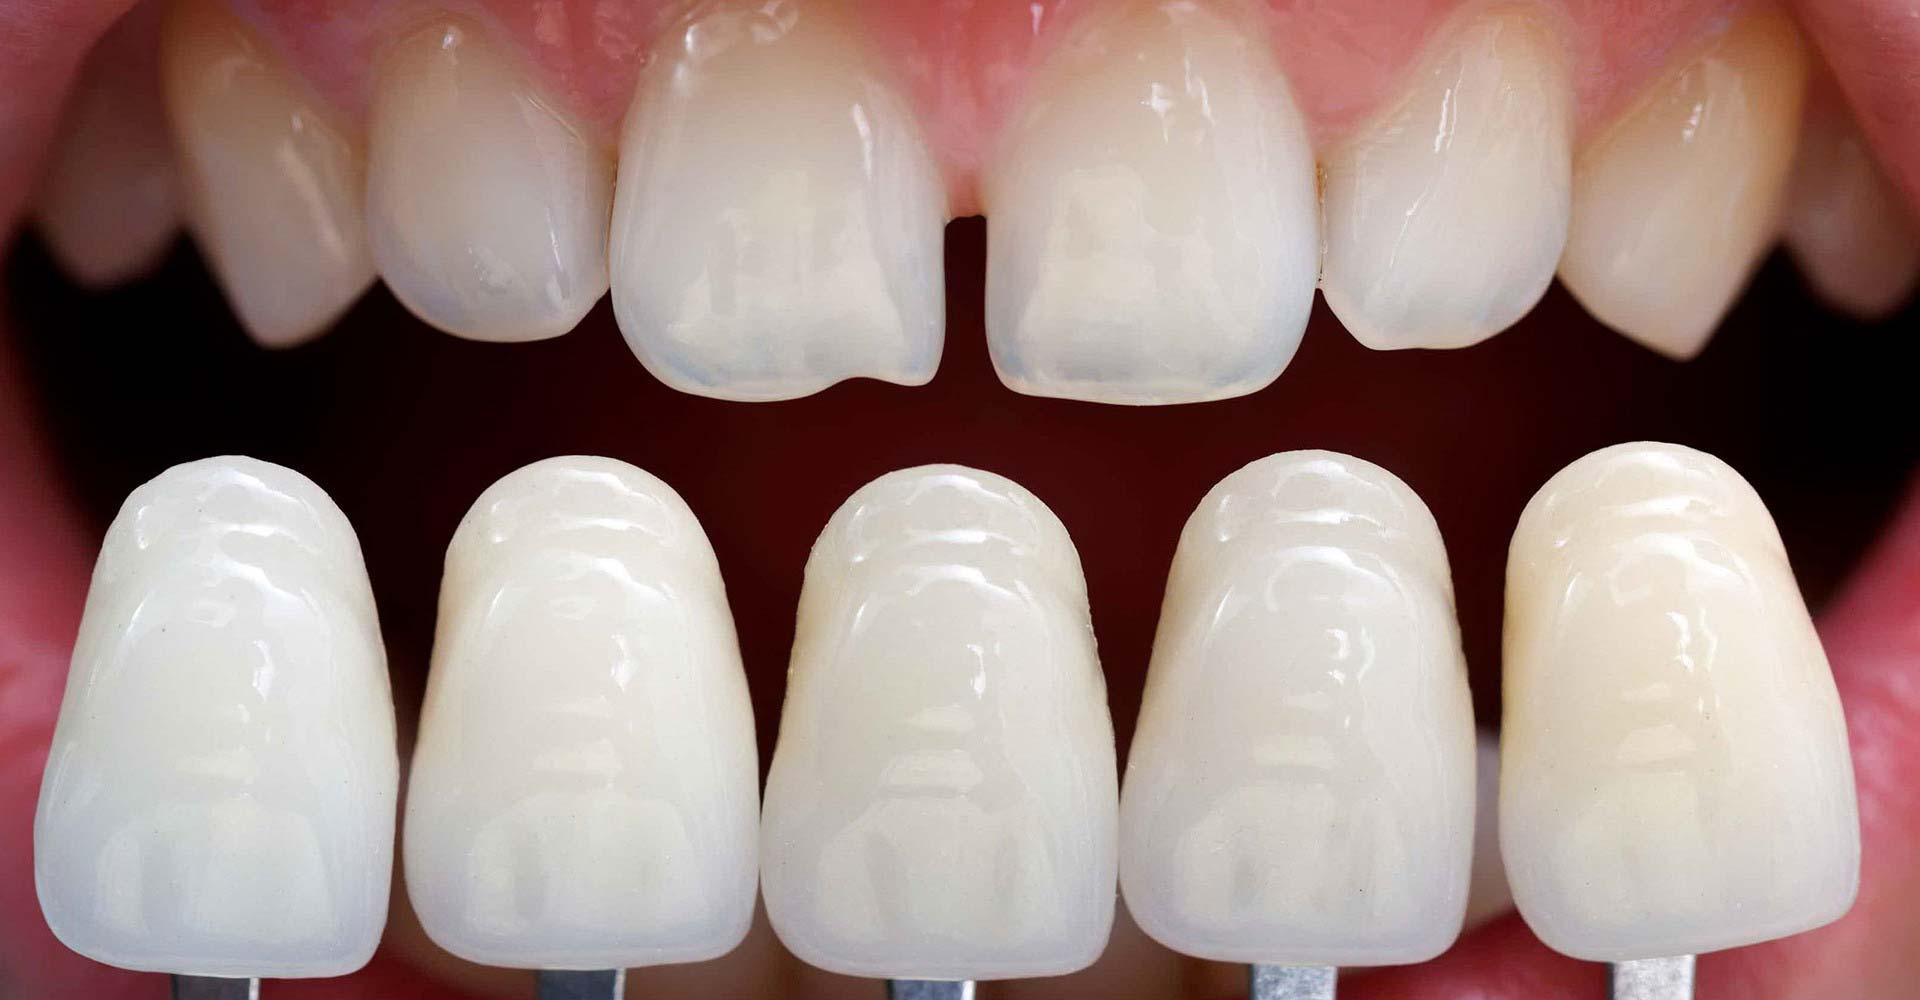 Odontoiatra Ferrara Dentista Ferrara Studio Odontoiatrico Dott. Nicola Mobilio Prestazioni - Faccette in Ceramica